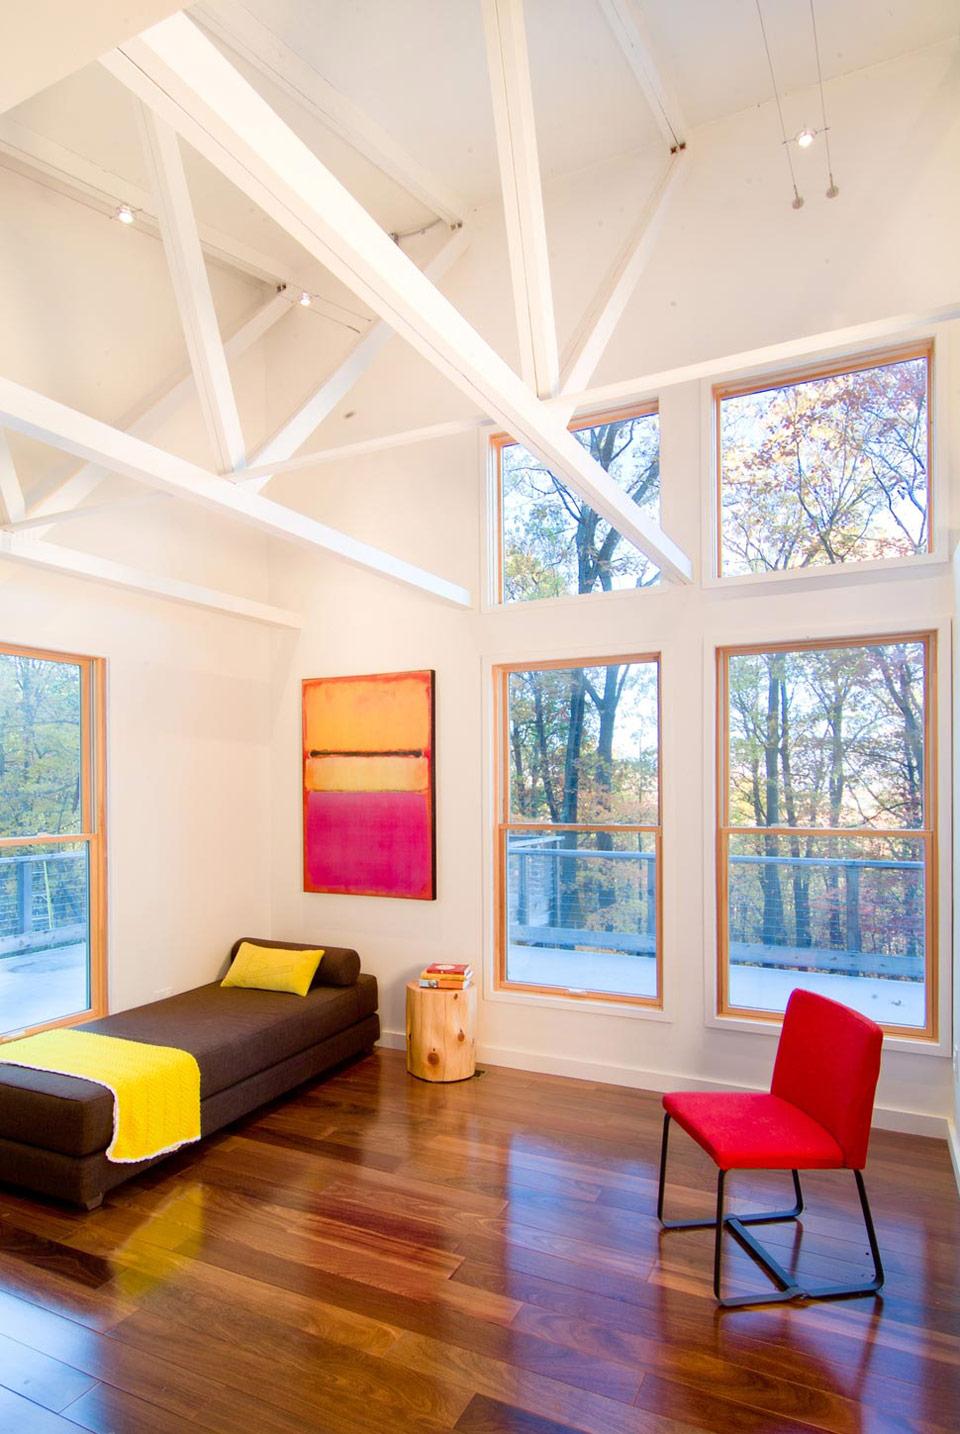 star-tannery-cabin-reader-swartz-architects-6